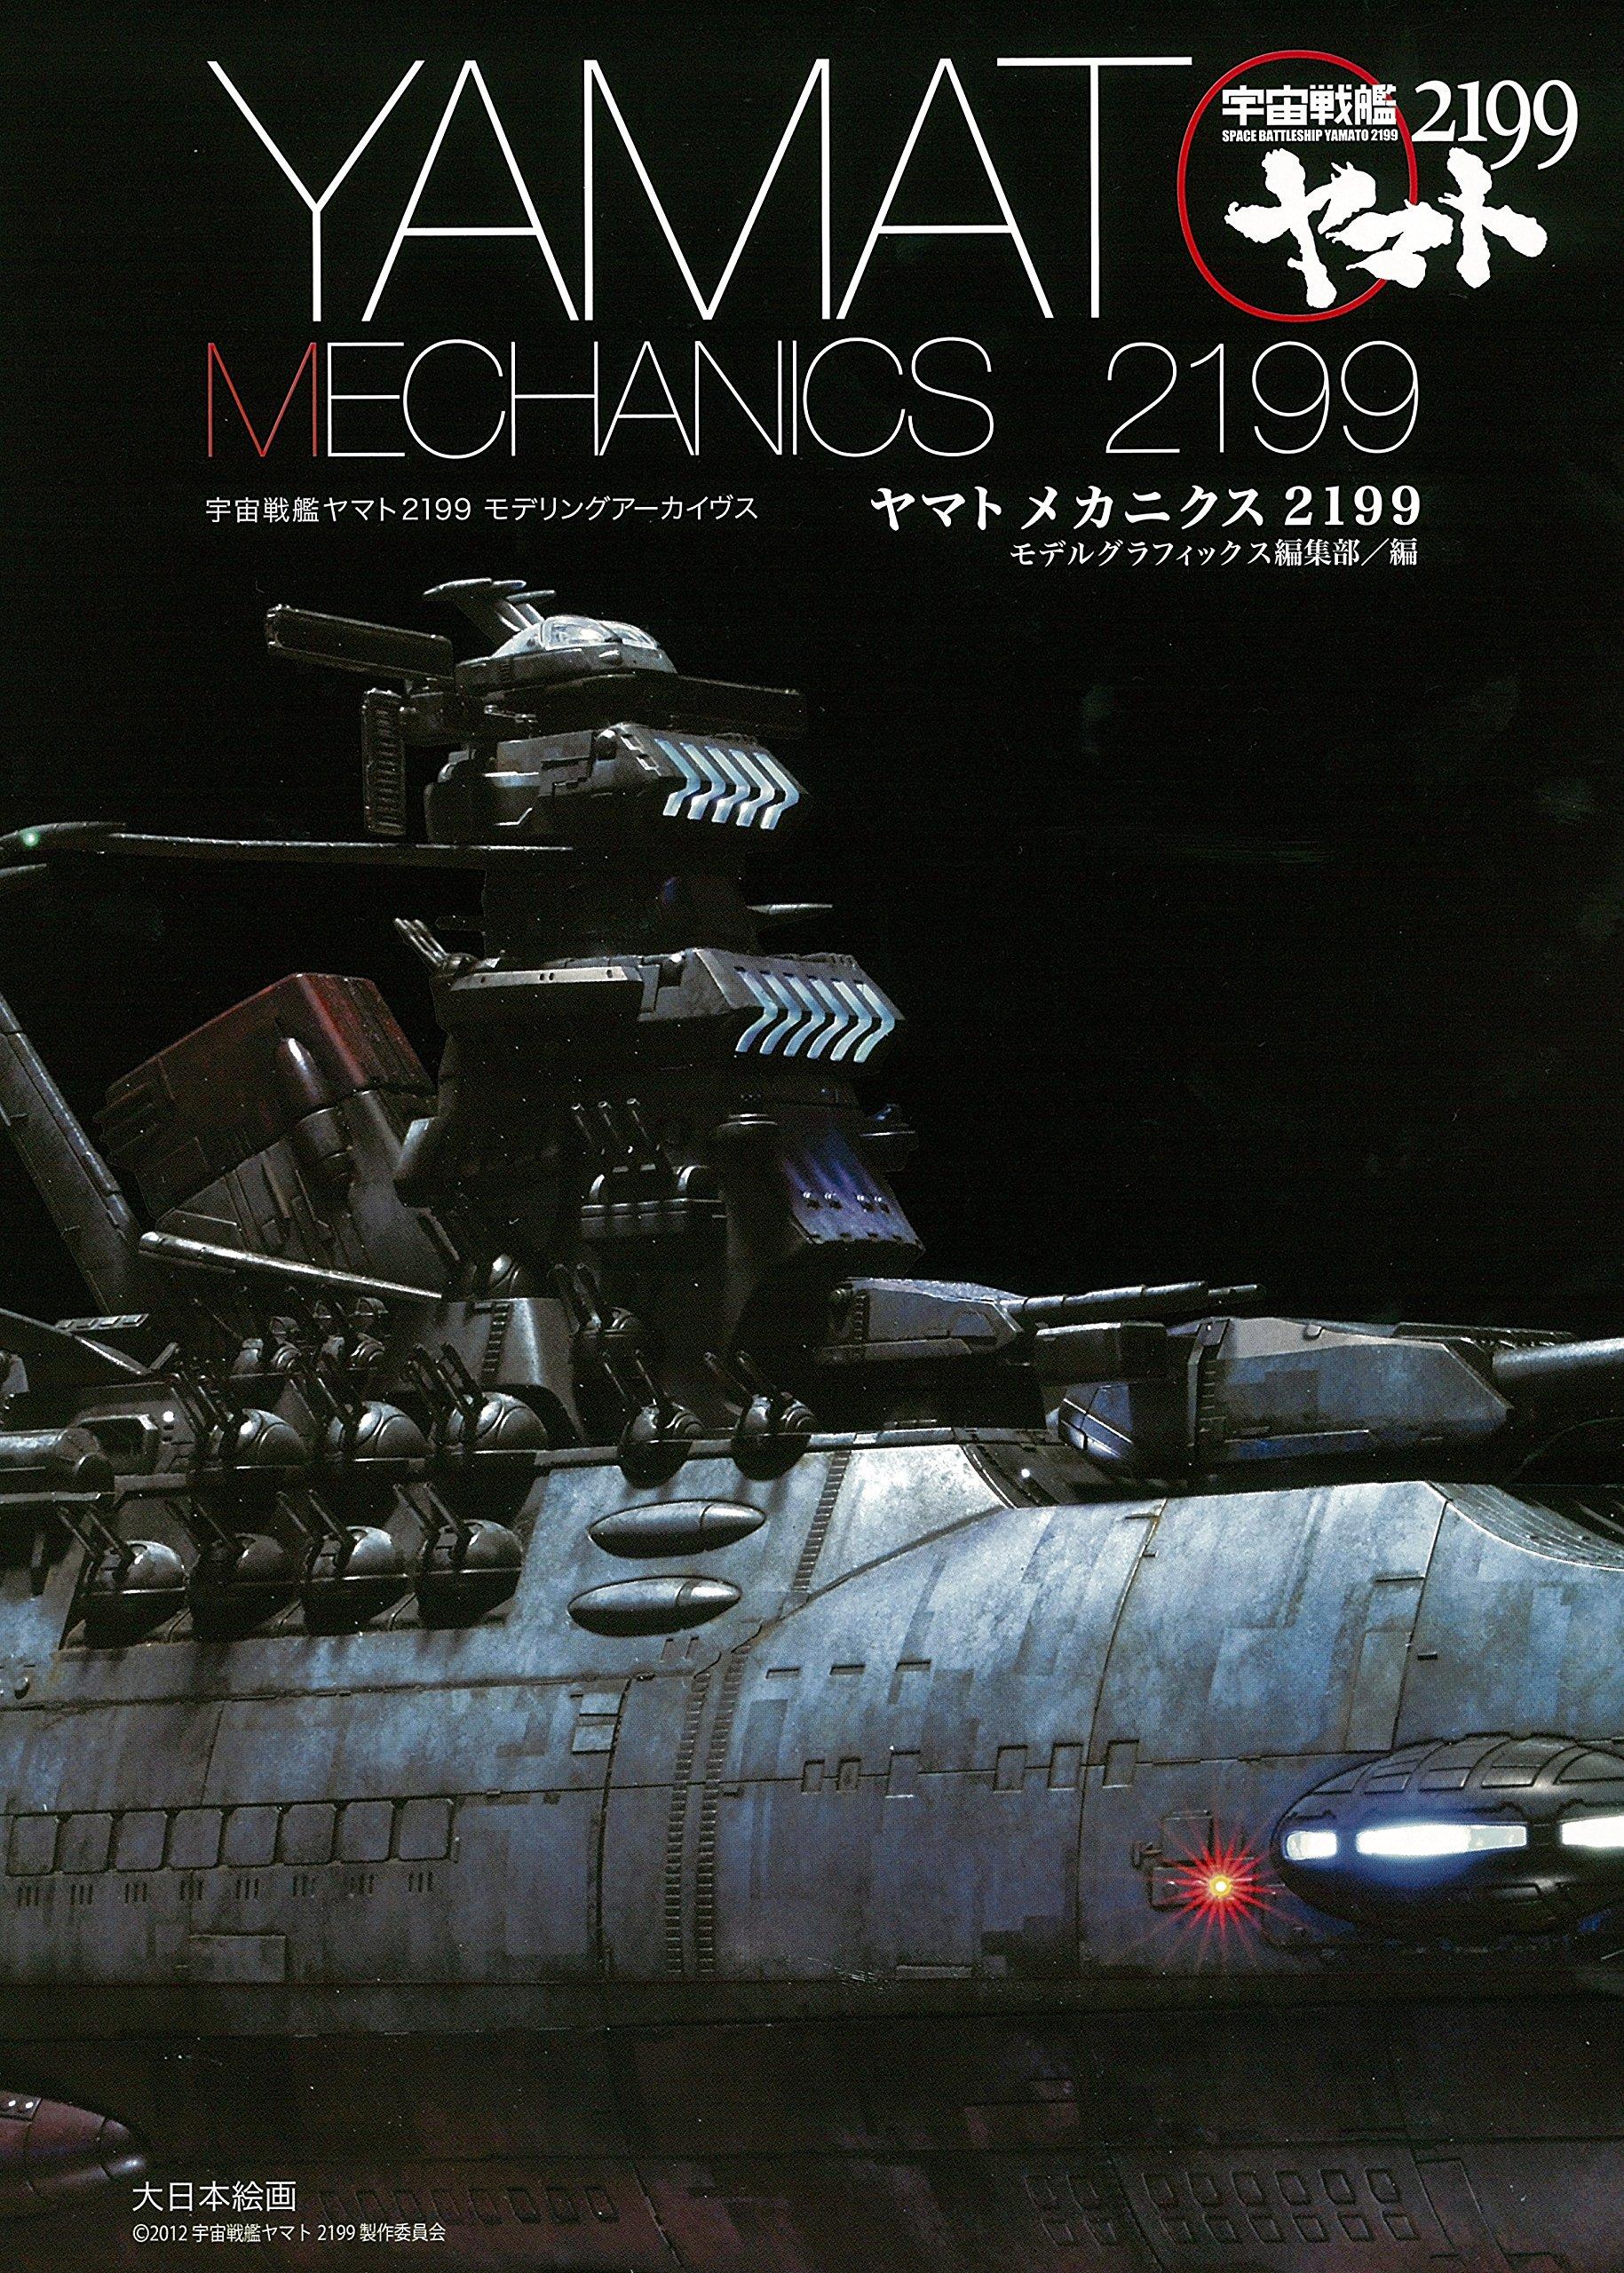 Yamato Mechanics 2199 ~ Space Battleship Yamato 2199 Modeling Archives [JAPANESE EDITION] pdf